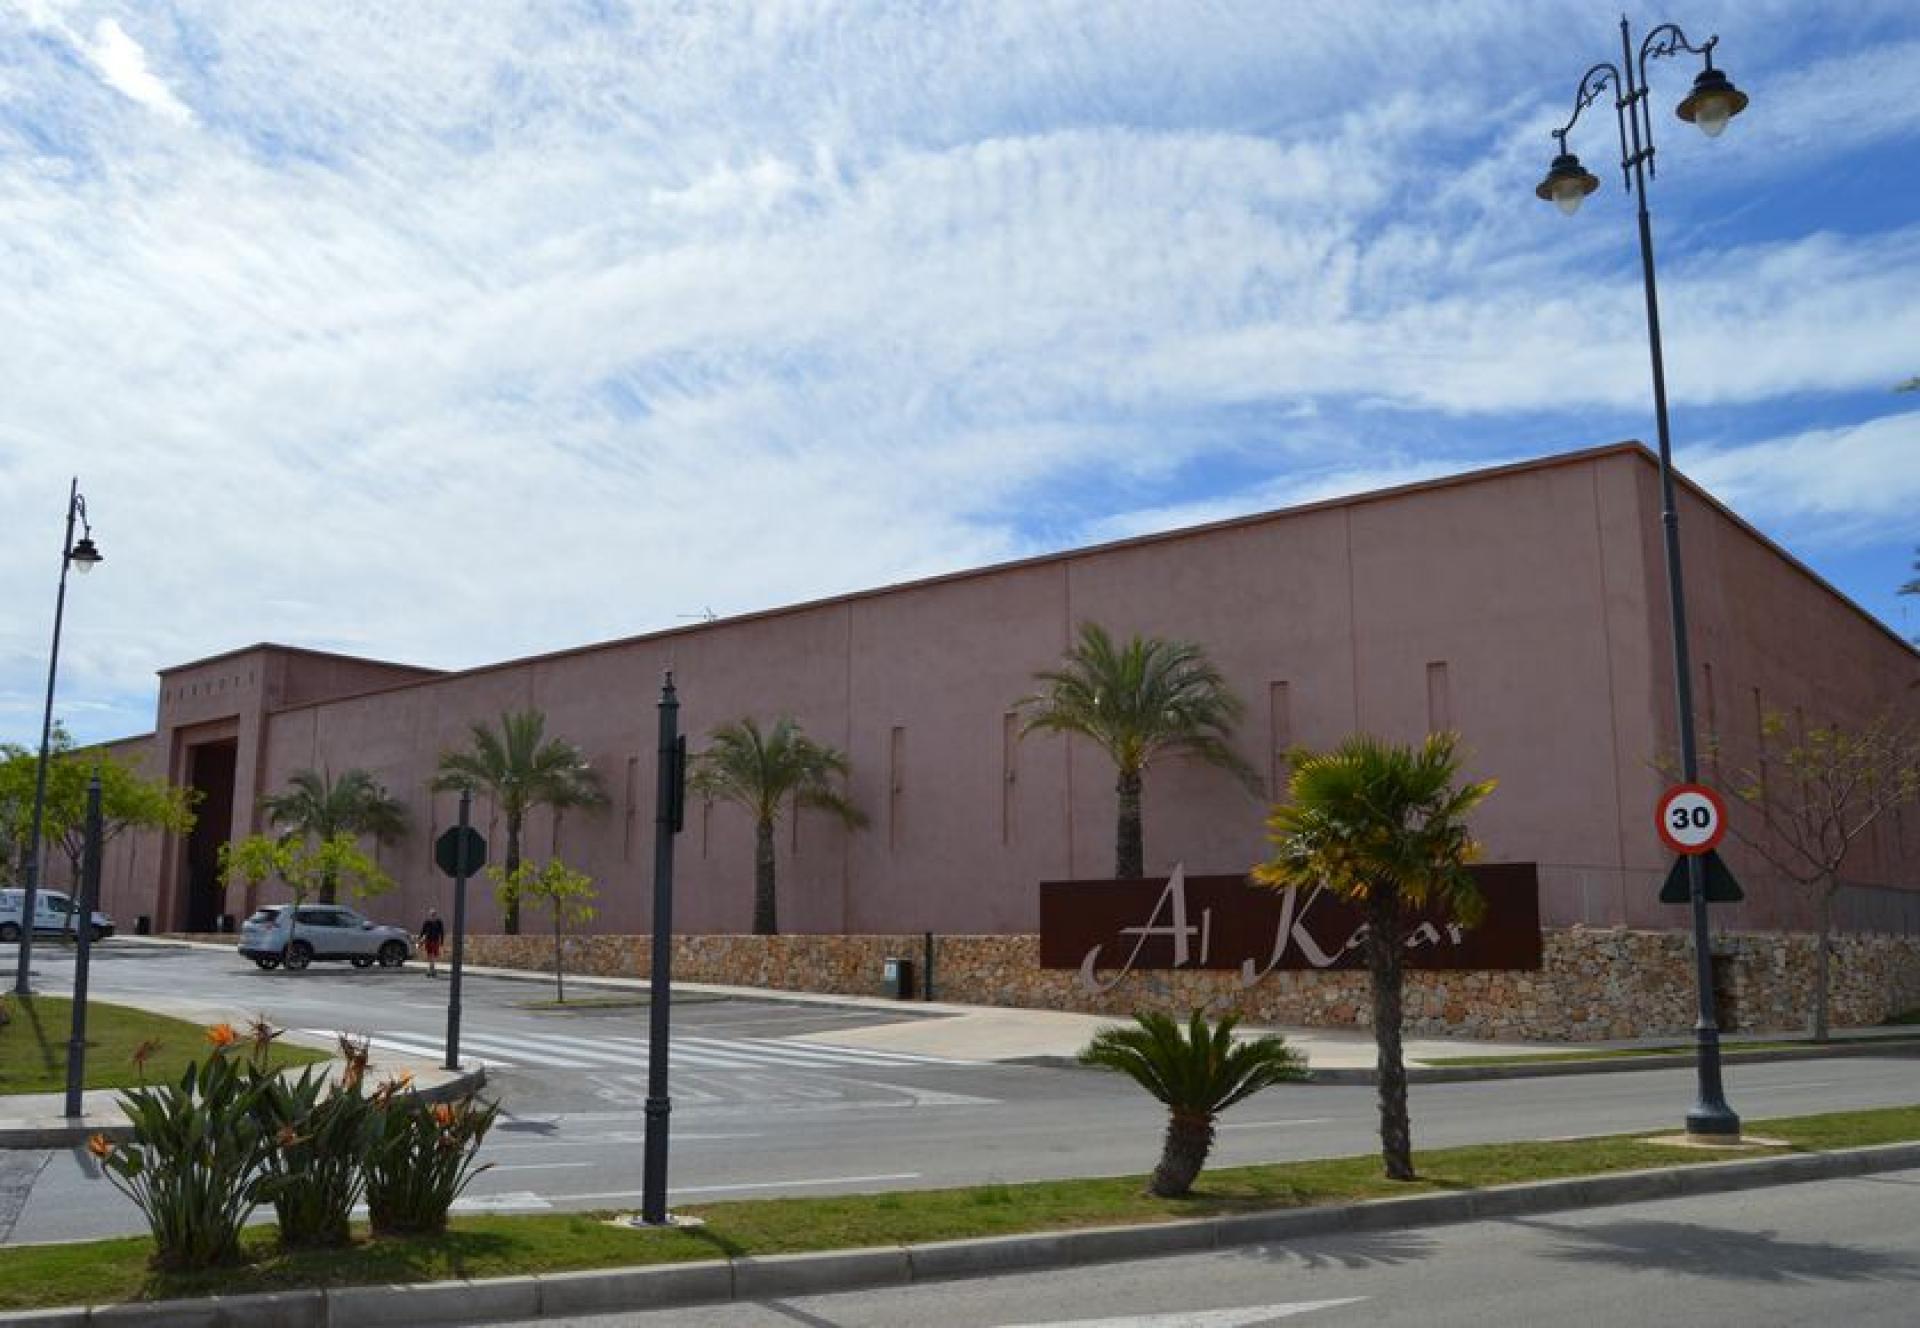 Mirador del Condado - Condado de Alhama (Murcia)